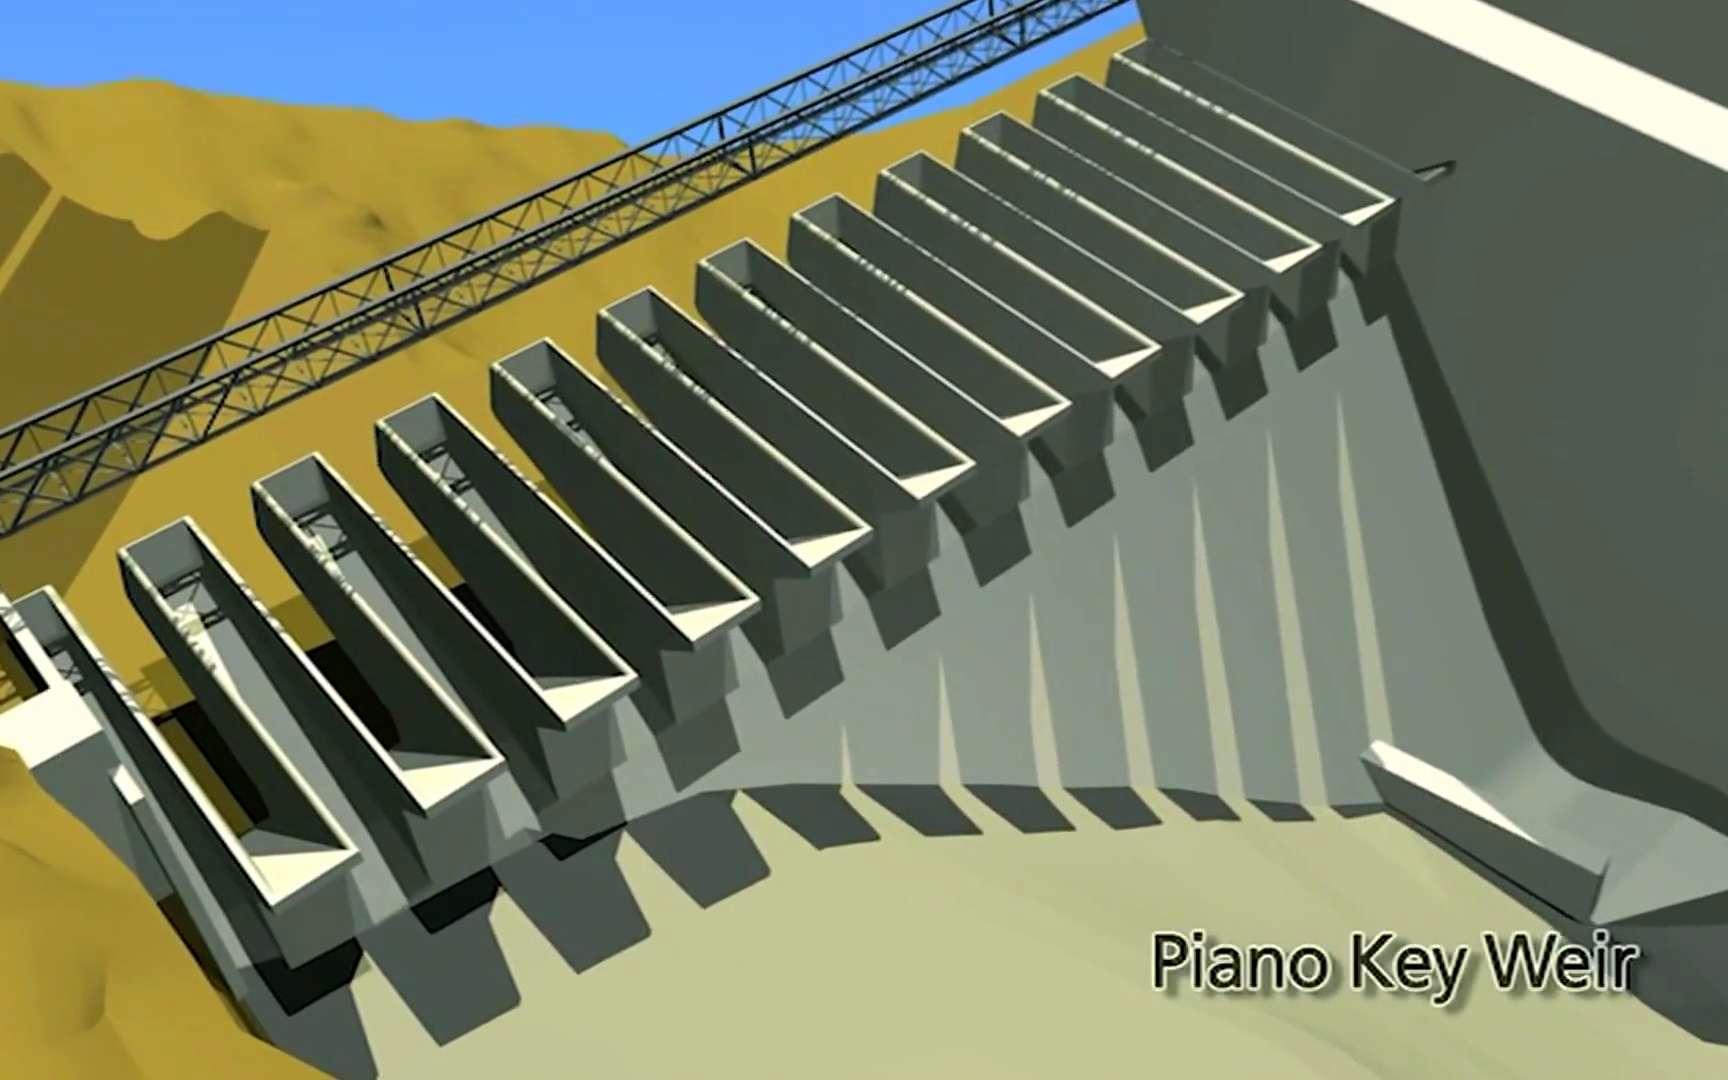 Schéma de l'évacuateur de crue PKW du barrage de Malarce. La retenue est à gauche et l'eau coule donc vers la droite. En temps normal, le niveau amont atteint la construction crénelée, en béton et l'eau du lac baigne les douze bacs d'alimentation. En cas de forte crue, le niveau dépasse les bords et l'eau se déverse entre ces bacs, s'écoulant vers le bas. © EDF